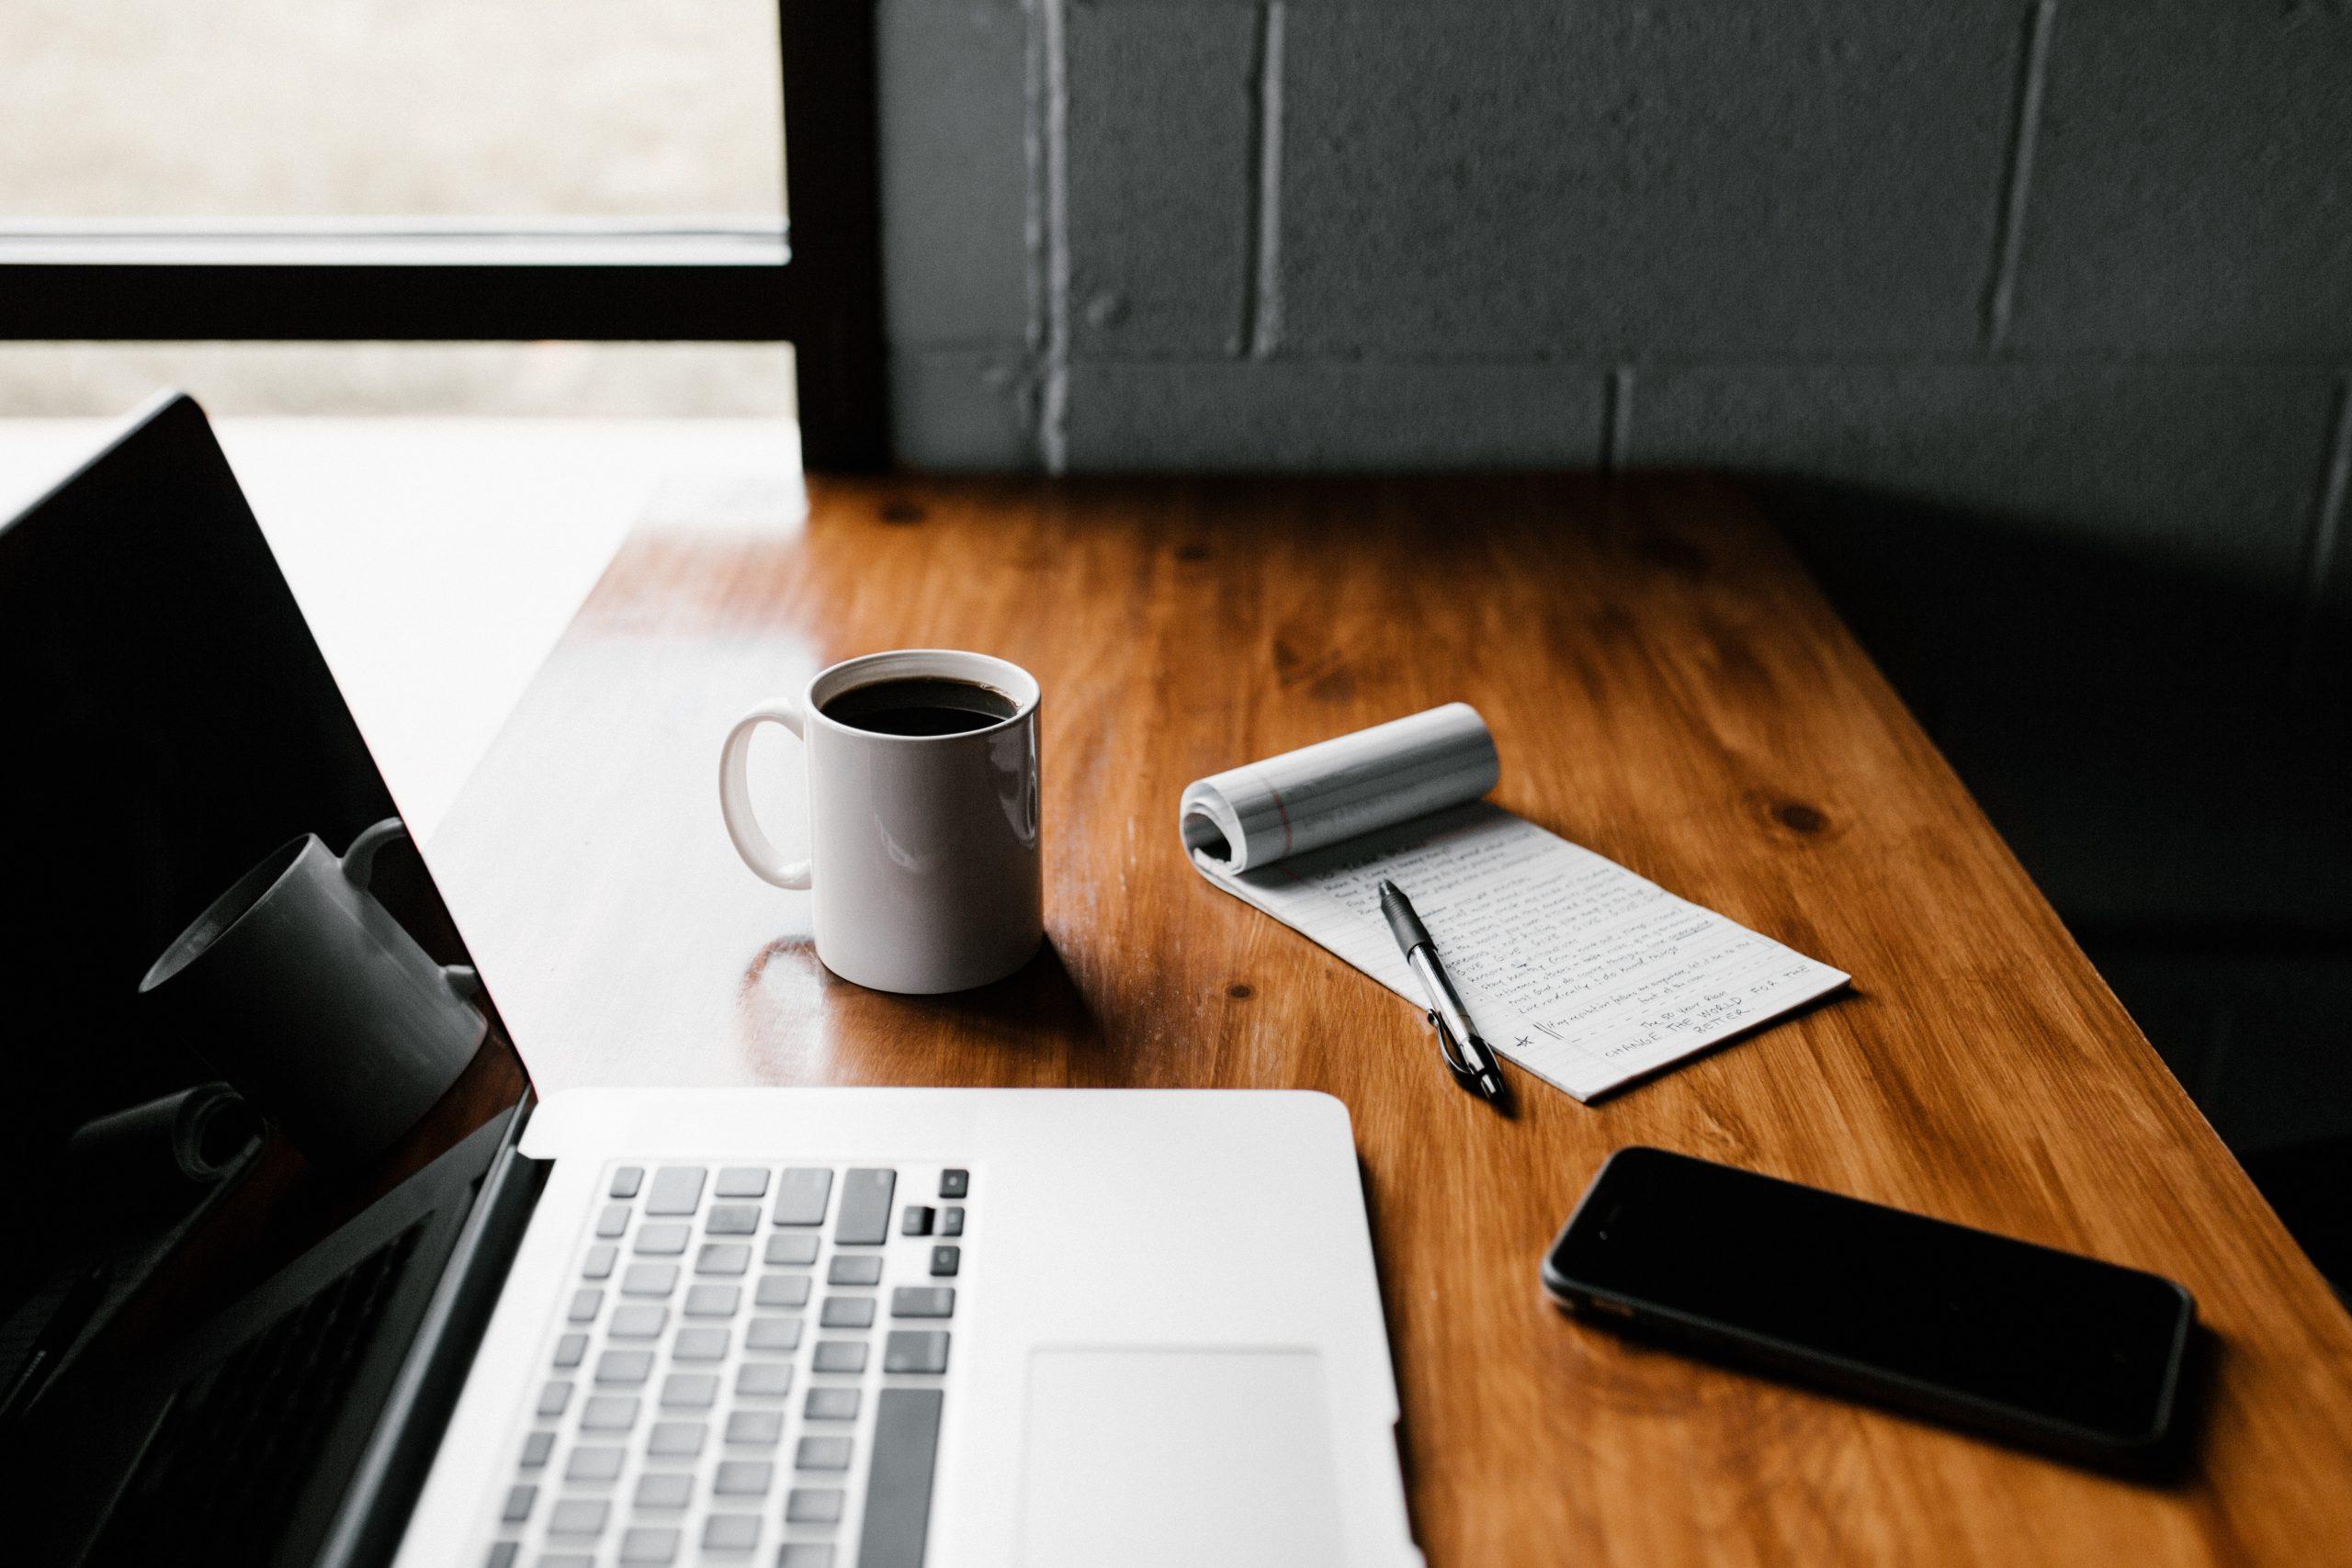 cách bán hàng, cách bán hàng hiệu quả, học cách bán hàng online hiệu quả, học cách bán hàng